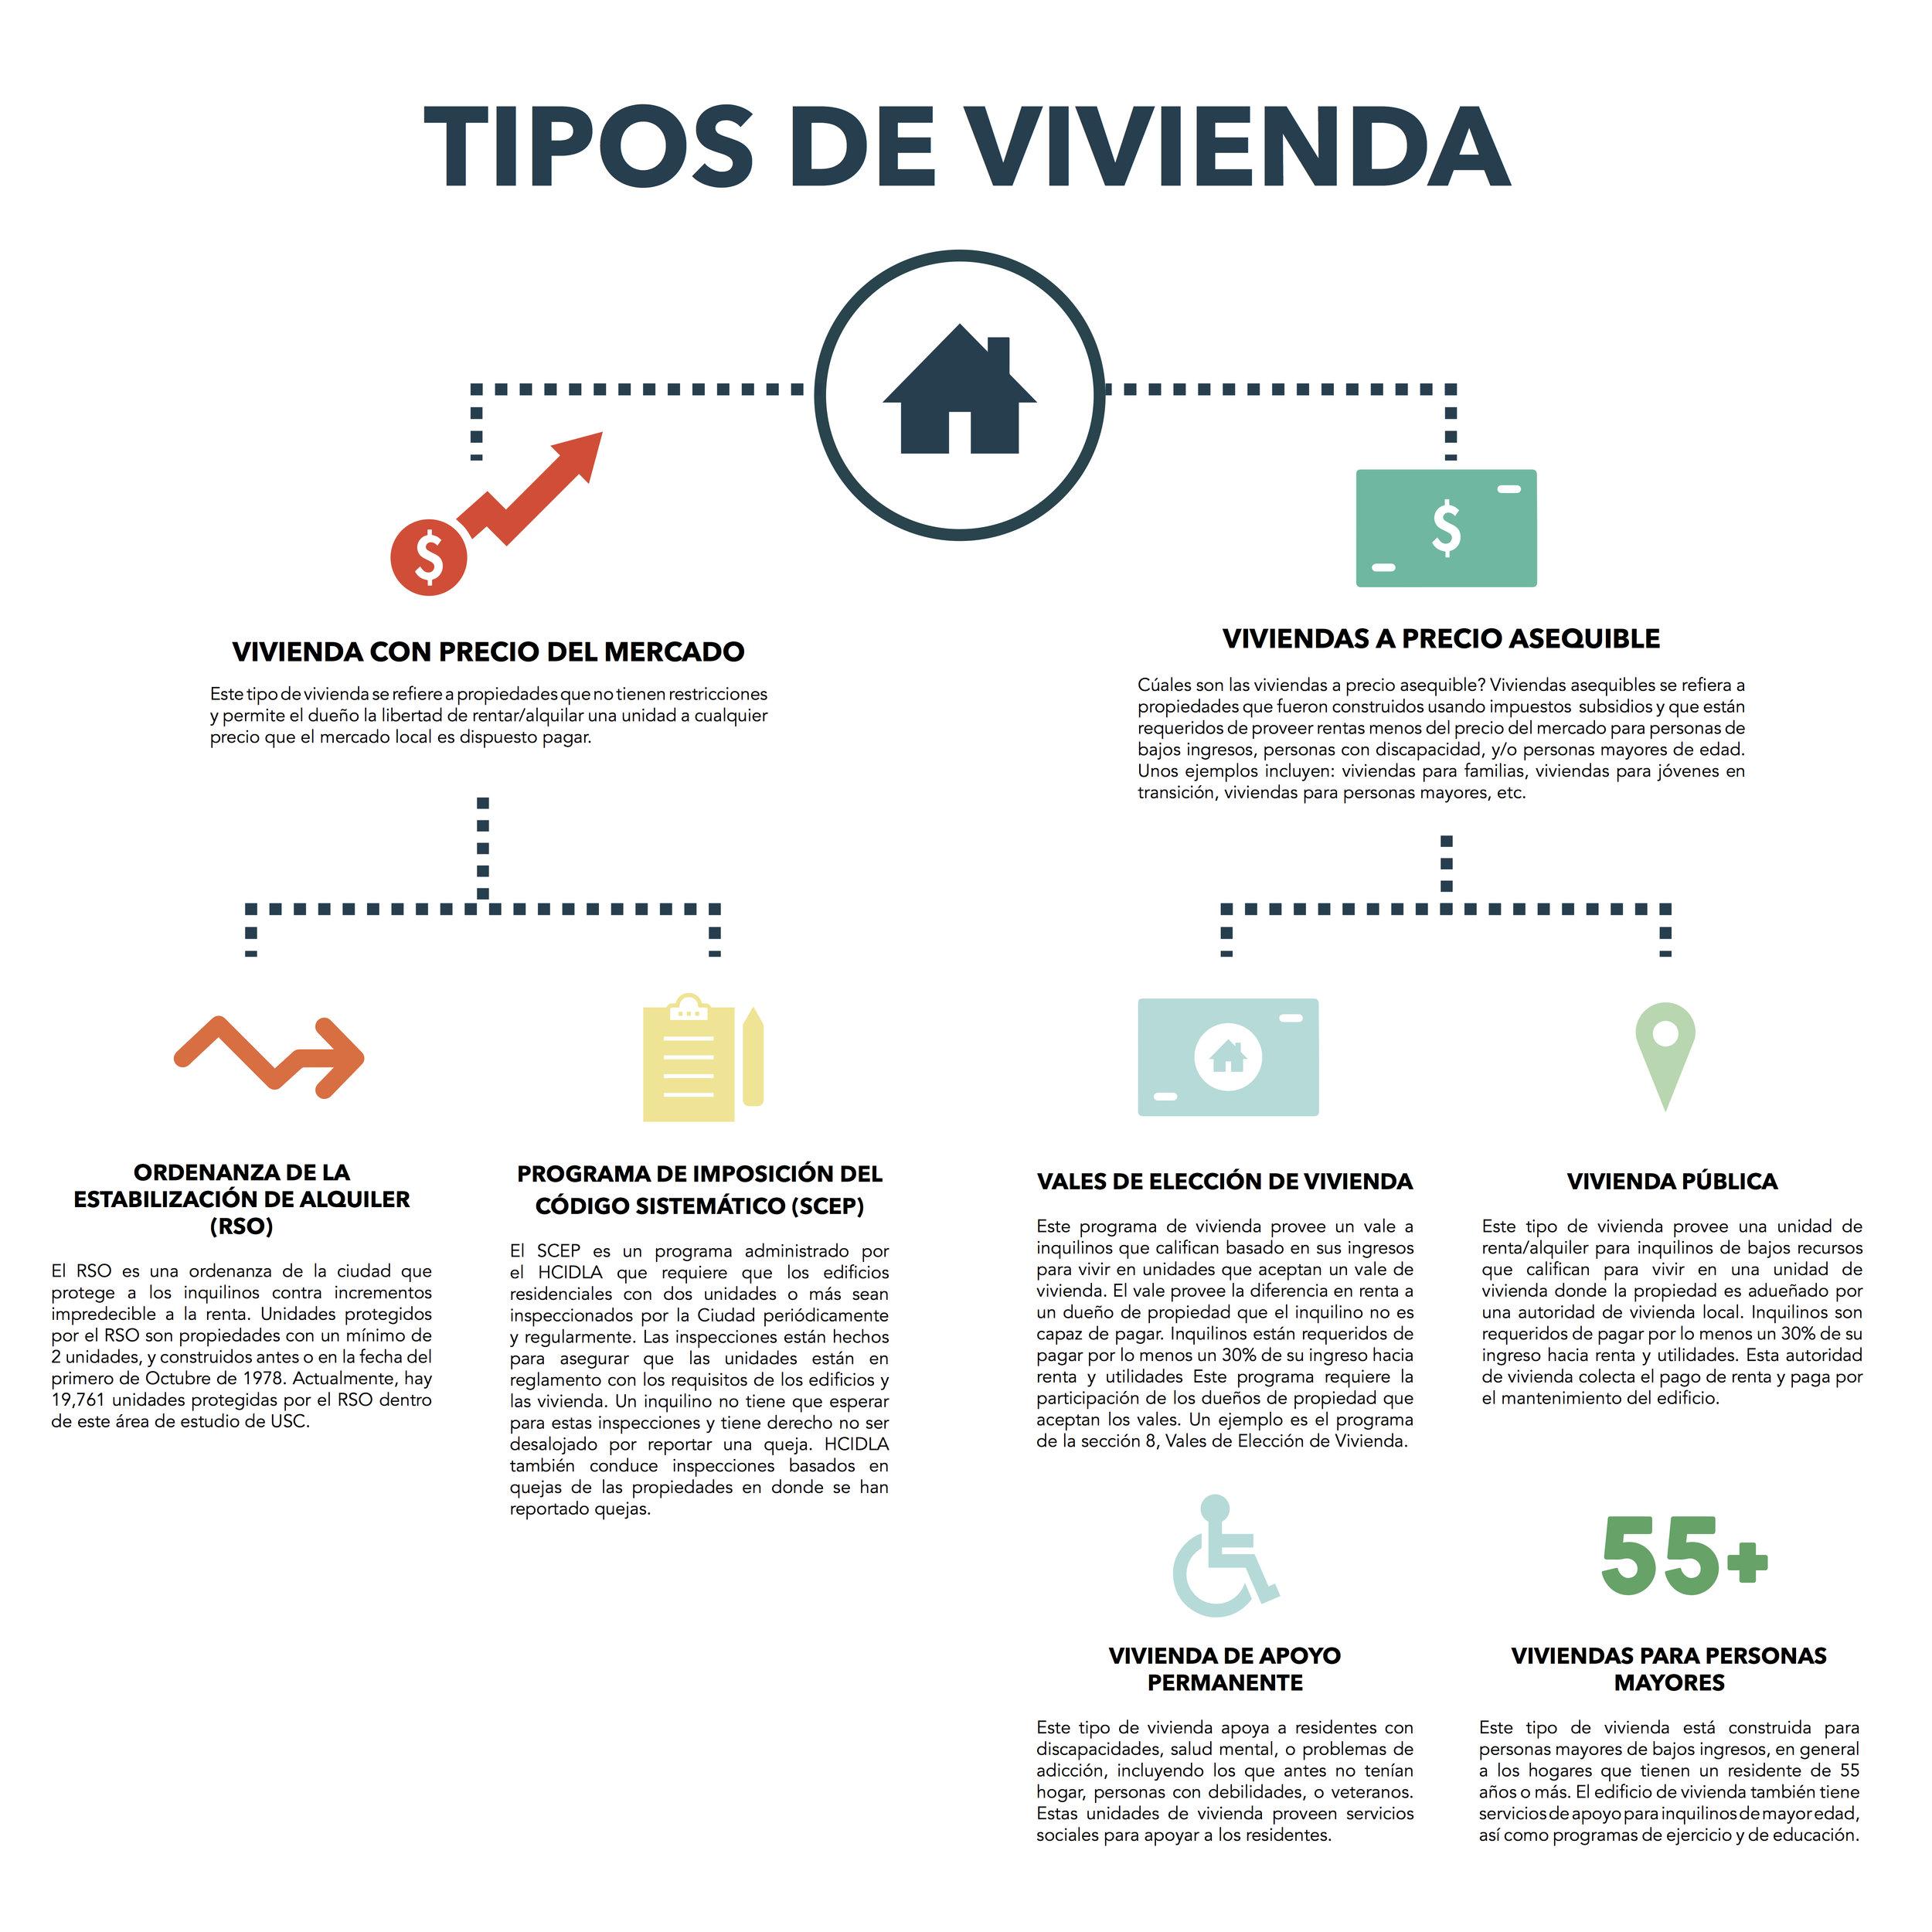 161109 36x36_Spanish Tipos de Vivienda.jpg